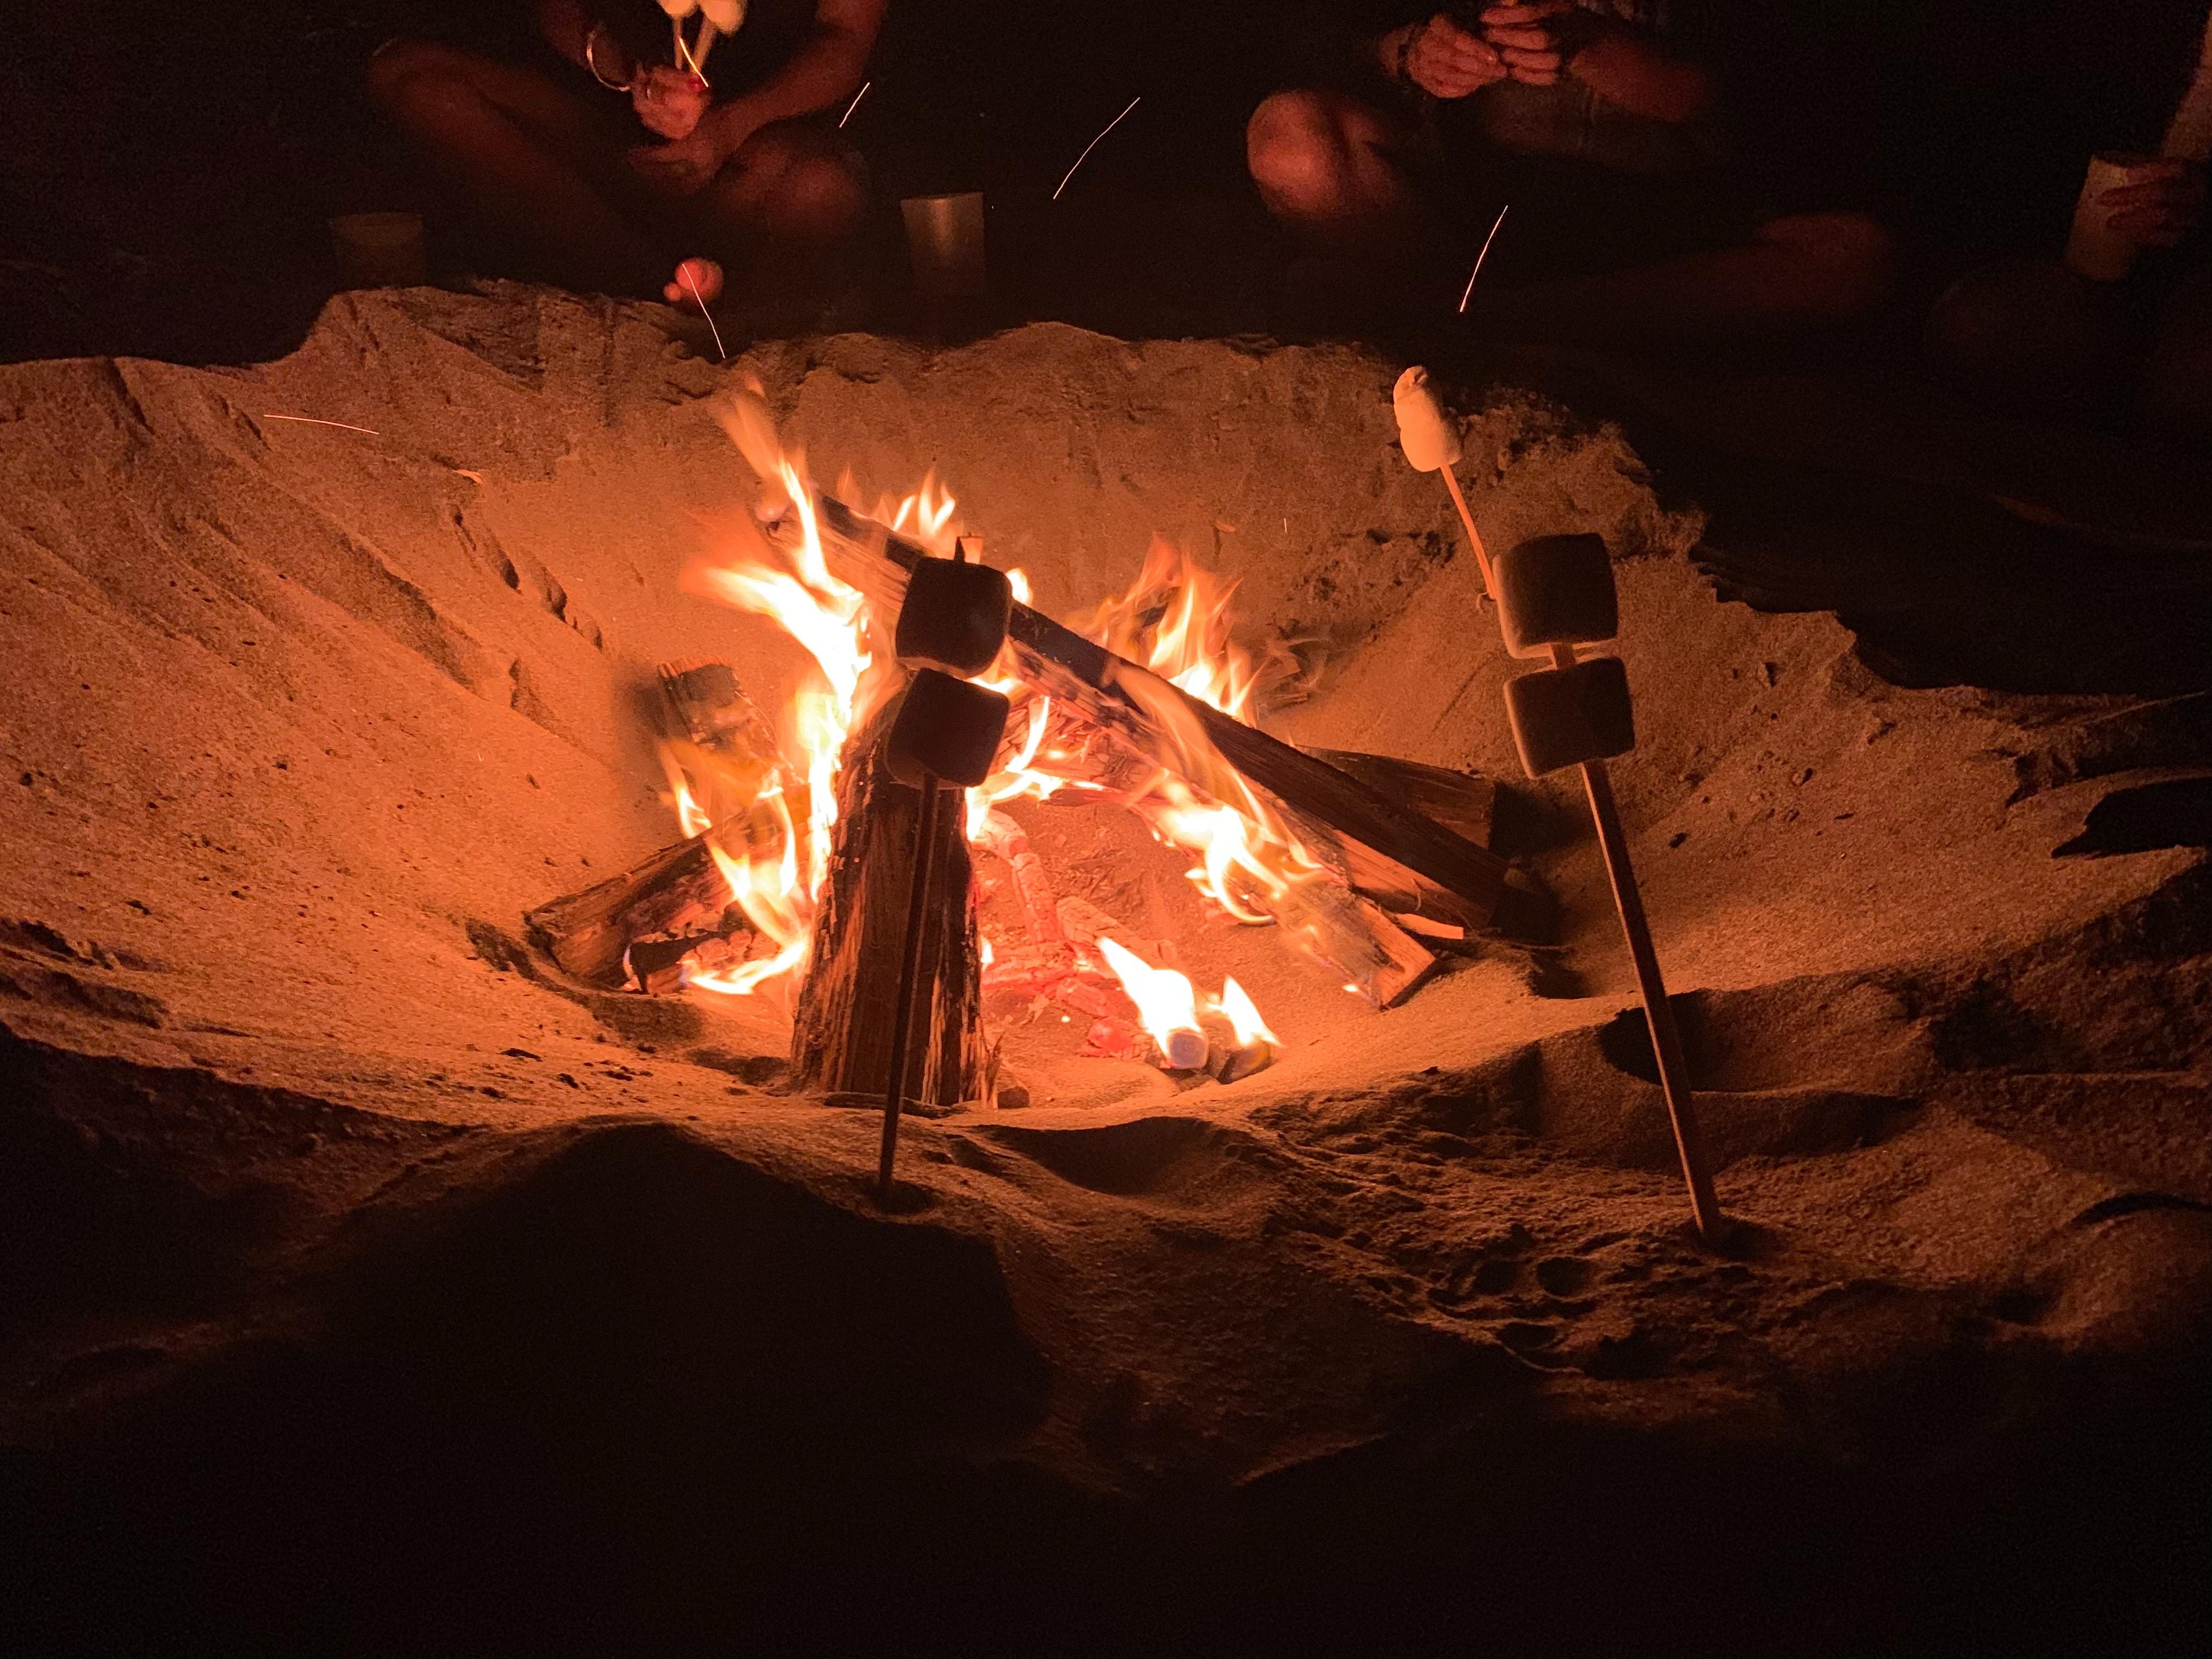 焚き火で活用できるリフレクターの簡単自作方法の紹介!